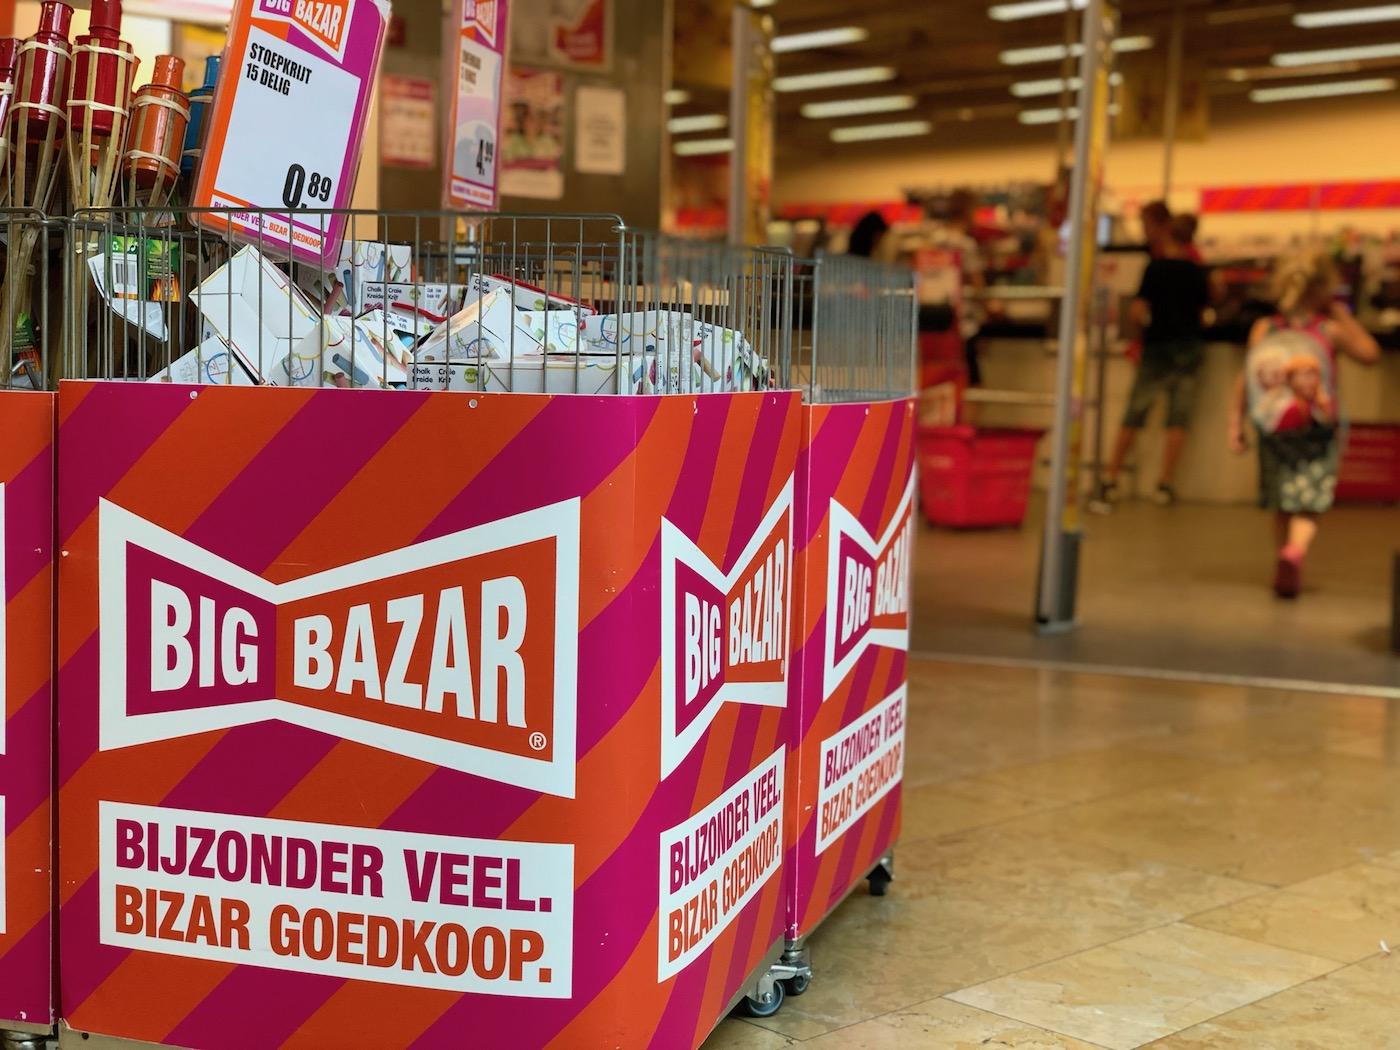 Big Big Bazar Bijzonder Bijzonder Goedkoop VeelBizar